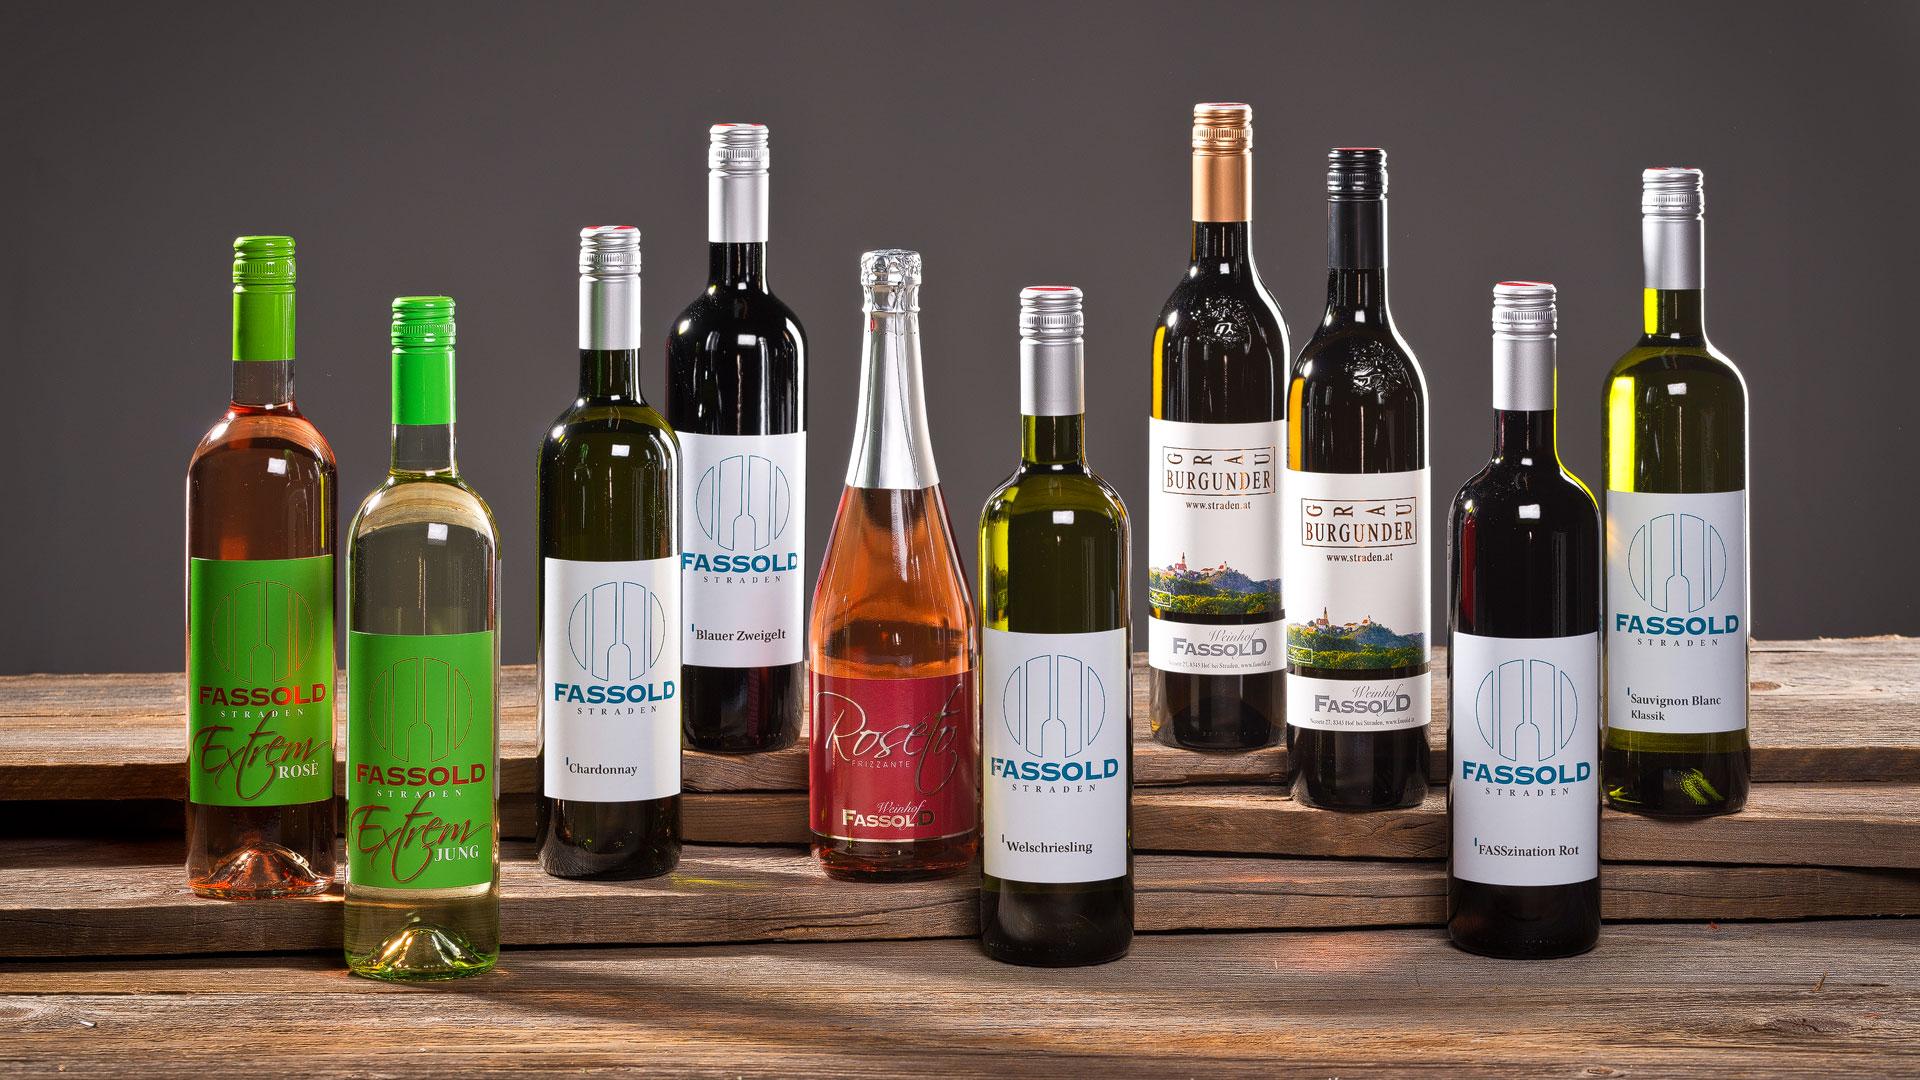 Titelbild Nr. 1 - Weinflaschen